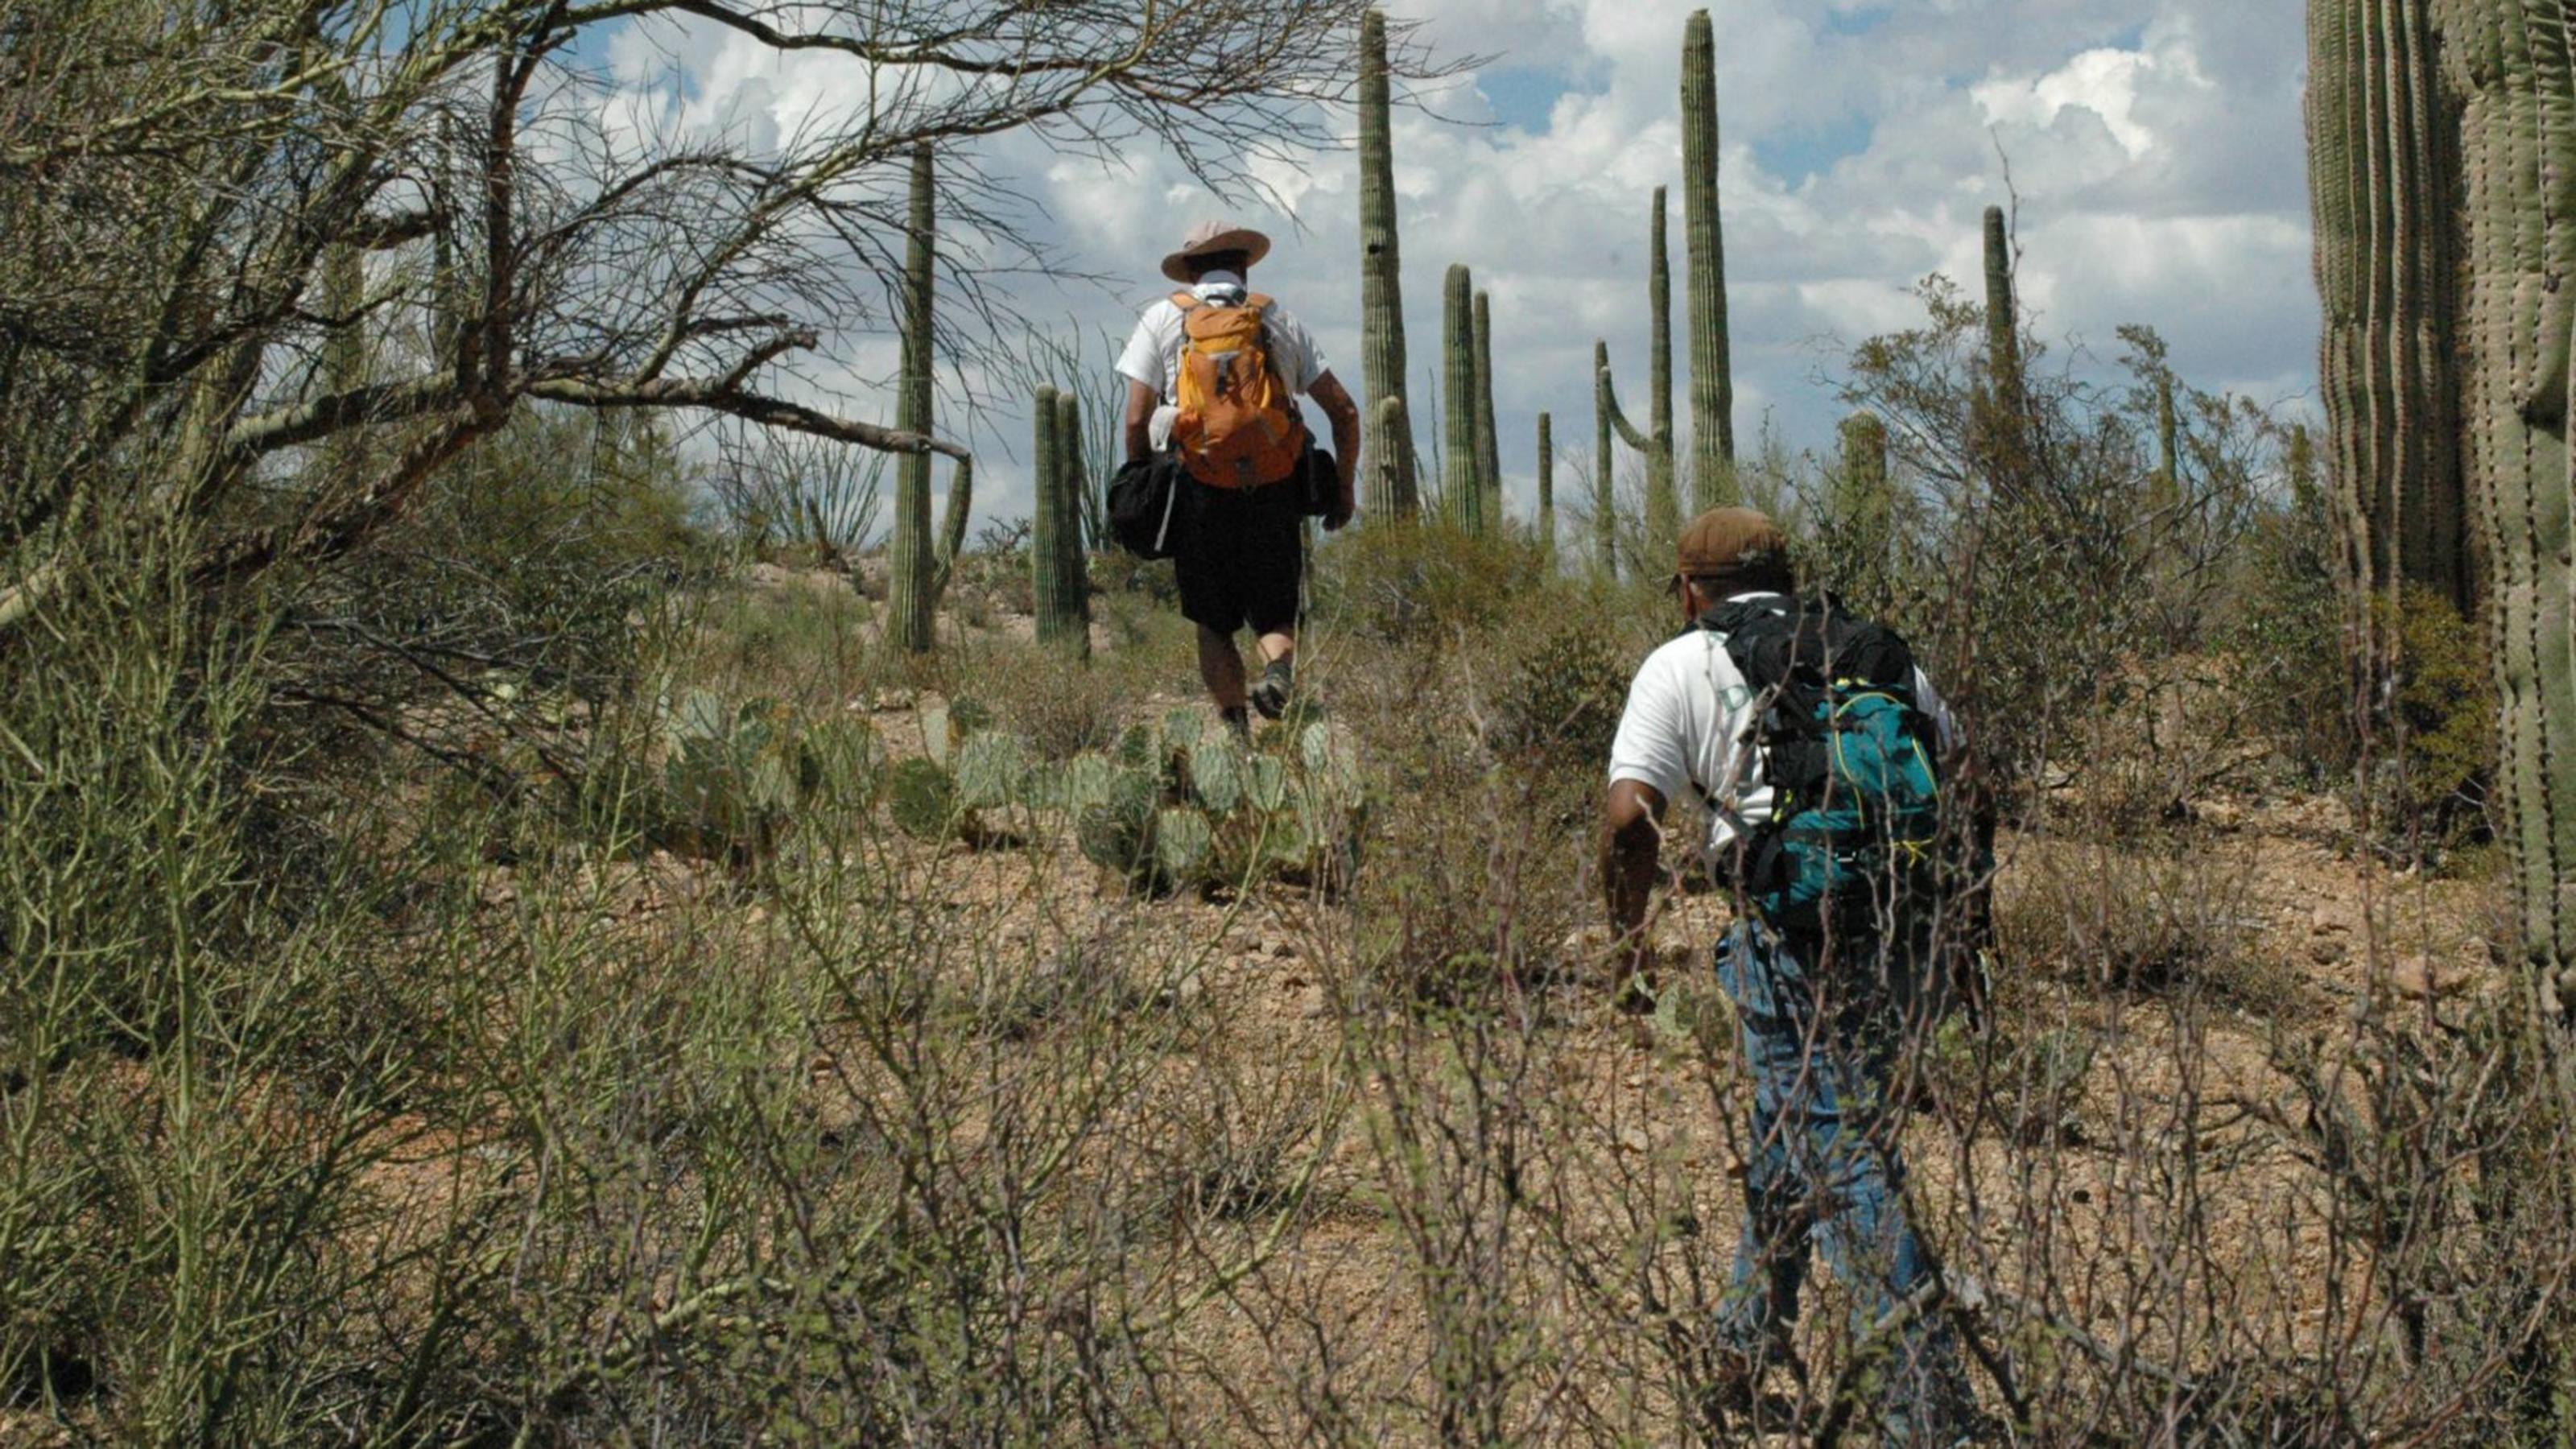 La organización sin fines de lucro de búsqueda y rescate Los Angeles Del Desierto (Desert Angels) que trabaja en la Reserva Tohono O'odham en el sur de Arizona.